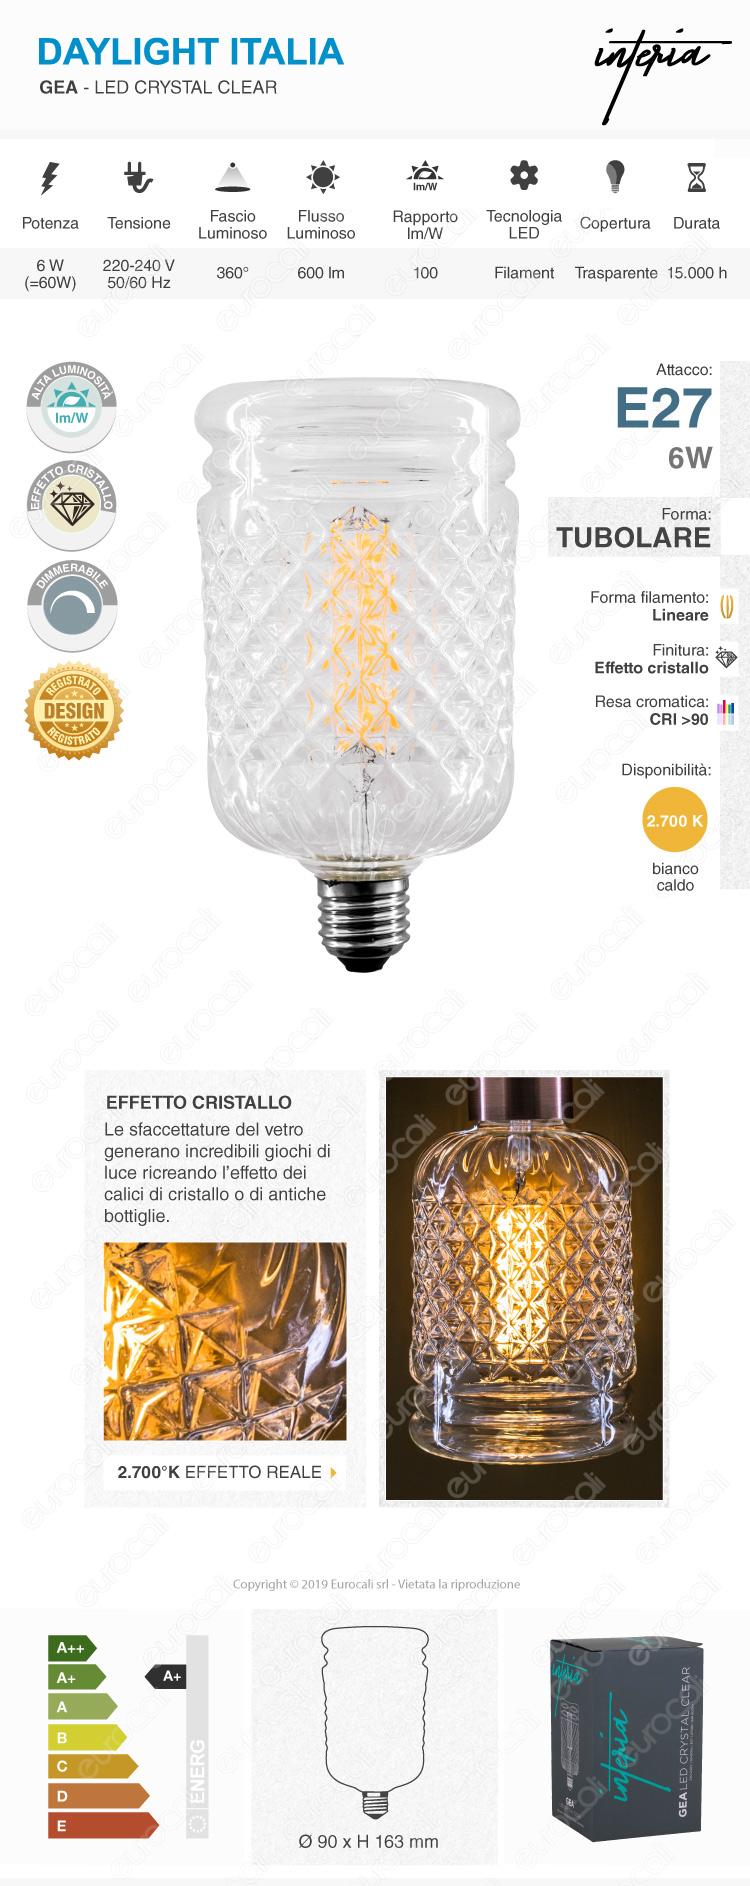 Daylight GEA Lampadina E27 Filamento LED 6W Tubolare Effetto Cristallo Dimmerabile CRI≥90